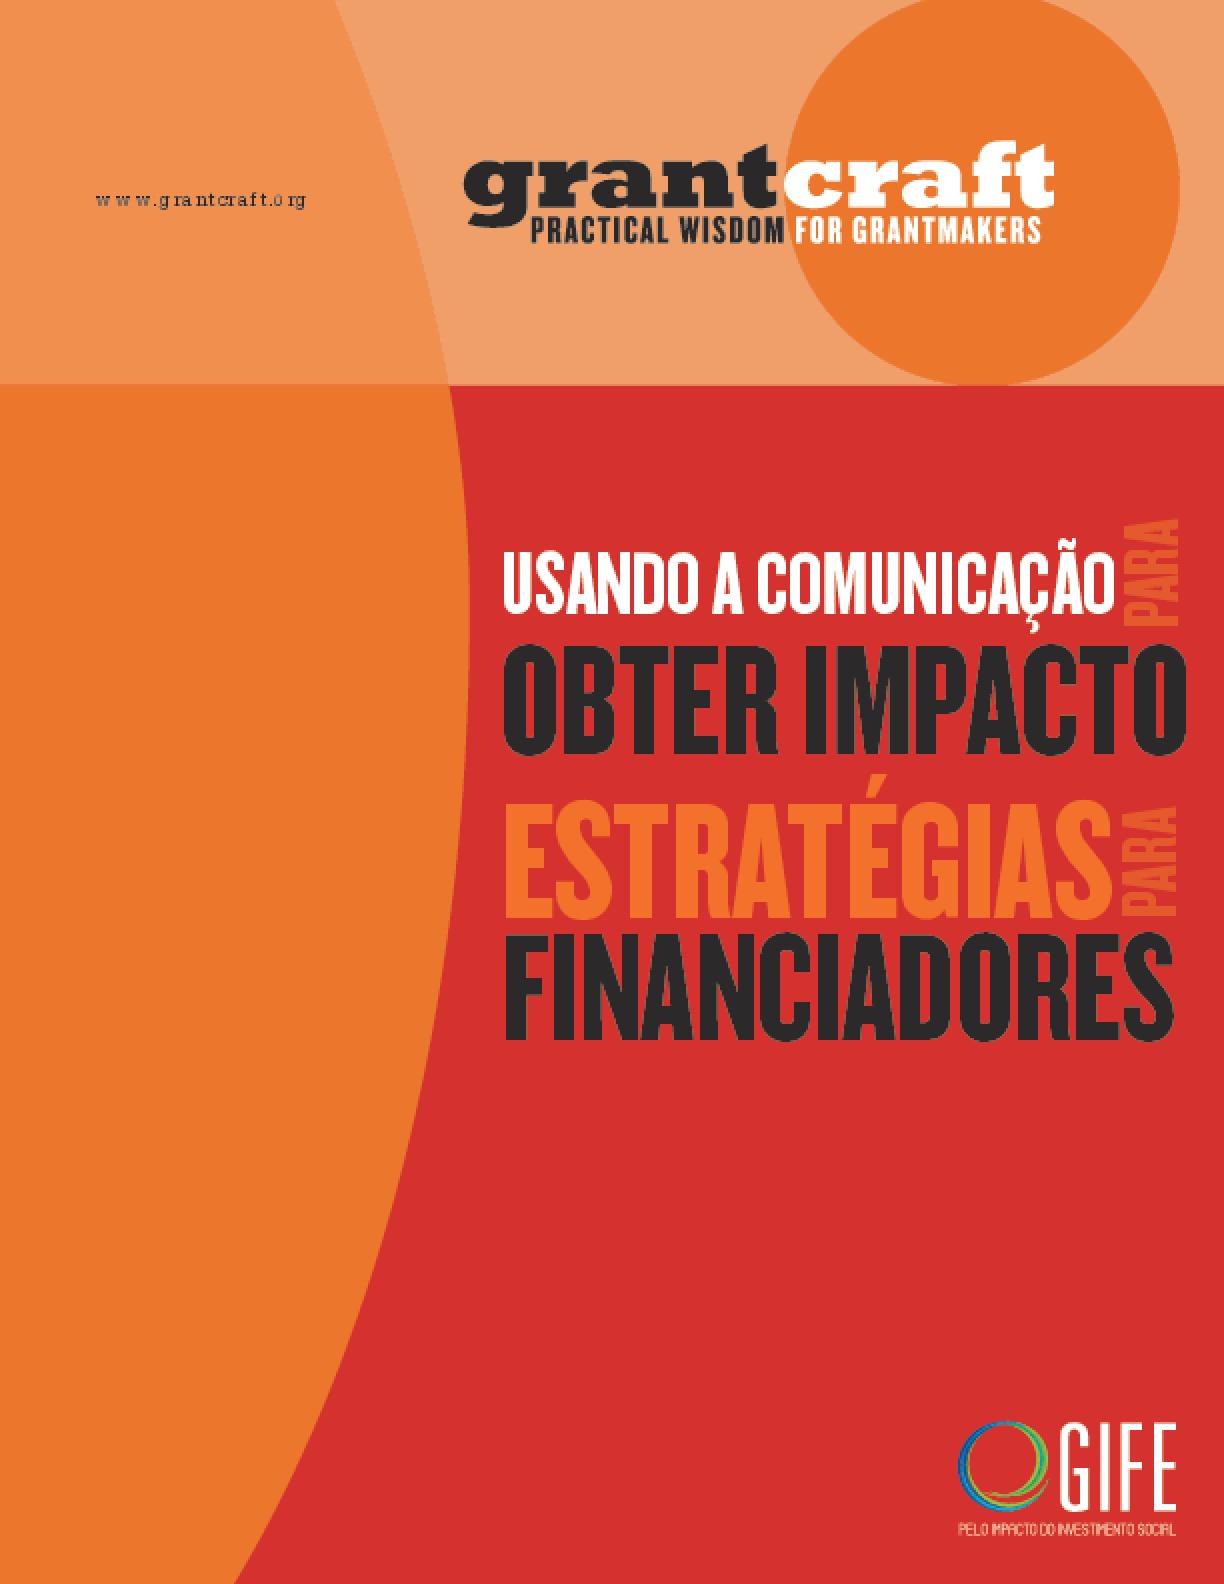 Usando a comunicação para obter impacto: estratégias para financiadores